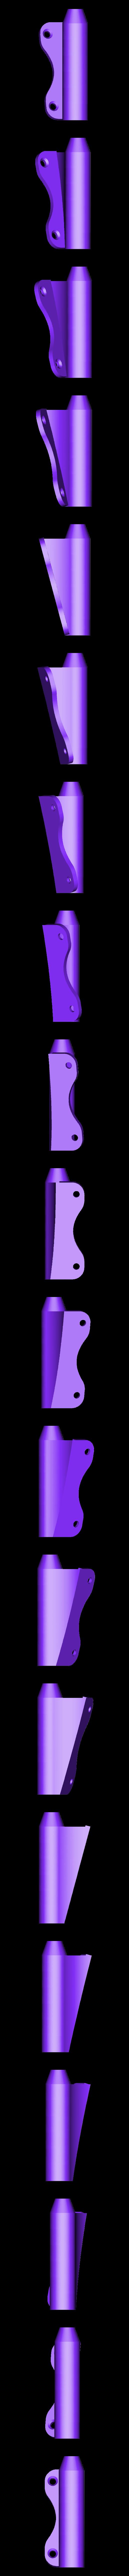 WacomPenHolder.stl Télécharger fichier STL Tablette et stylo Wacom sous le support du cabinet • Design à imprimer en 3D, Thomllama